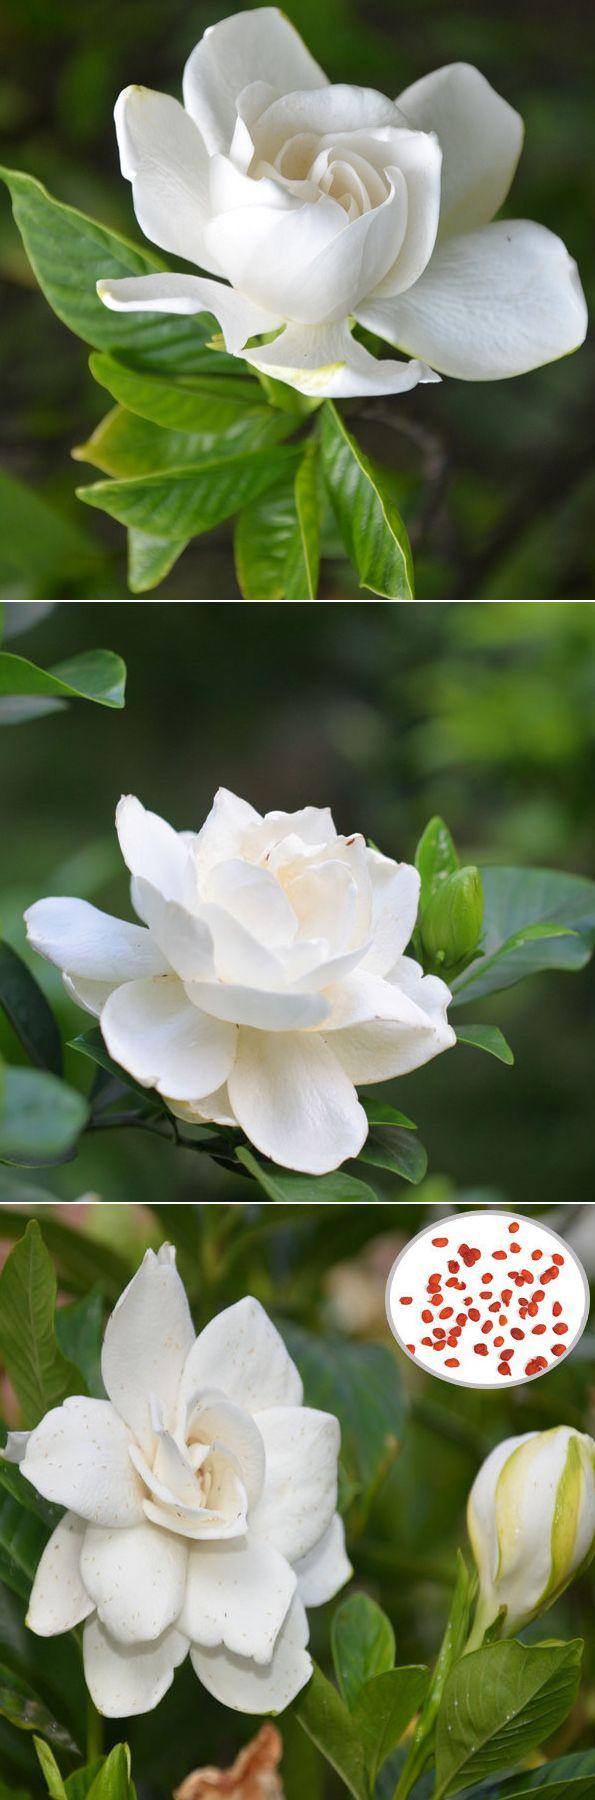 White gardenia seeds